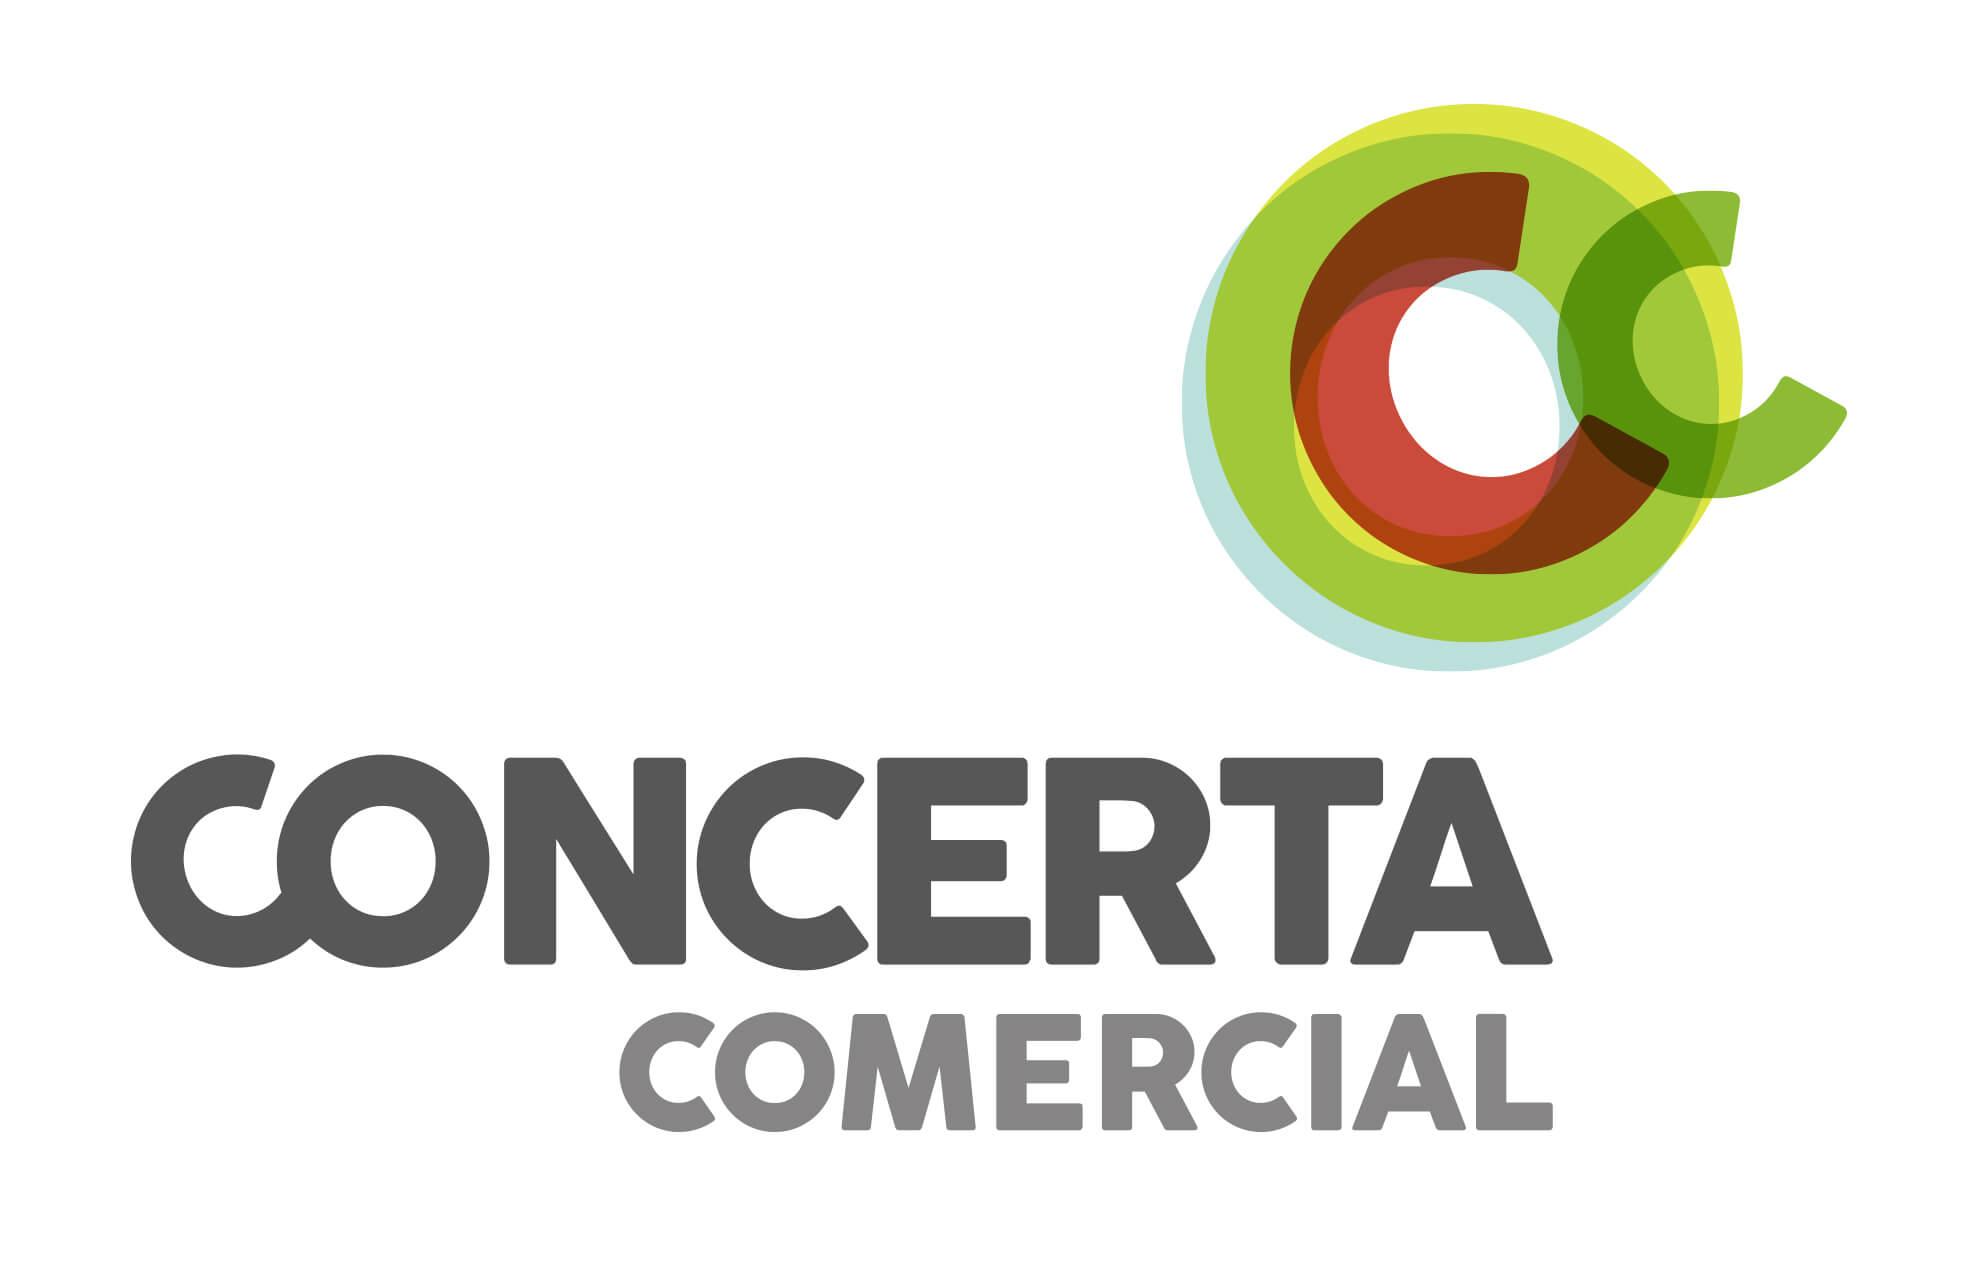 Concerta comercial branding design1 - Branding de marca y aplicación offline y online